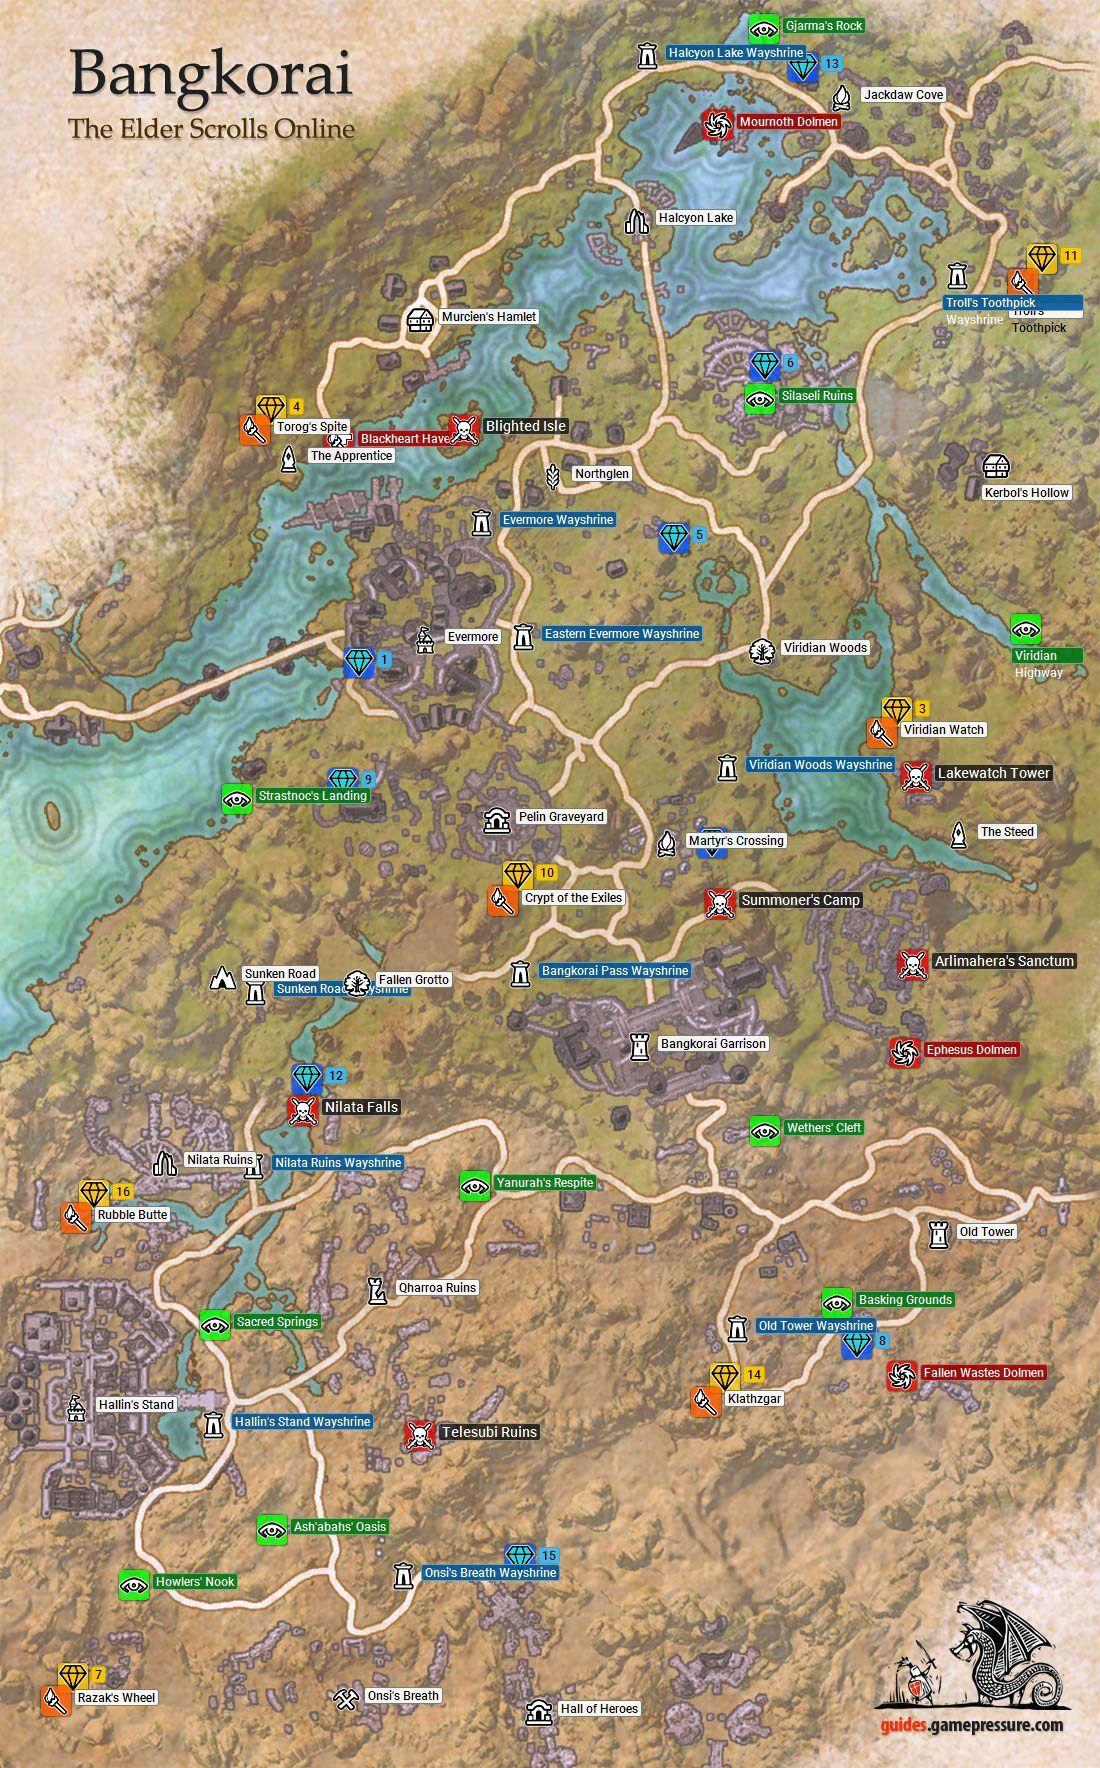 Eso Bangkorai Map : bangkorai, Elder, Scrolls, Online, Bangkorai, Online,, Guide,